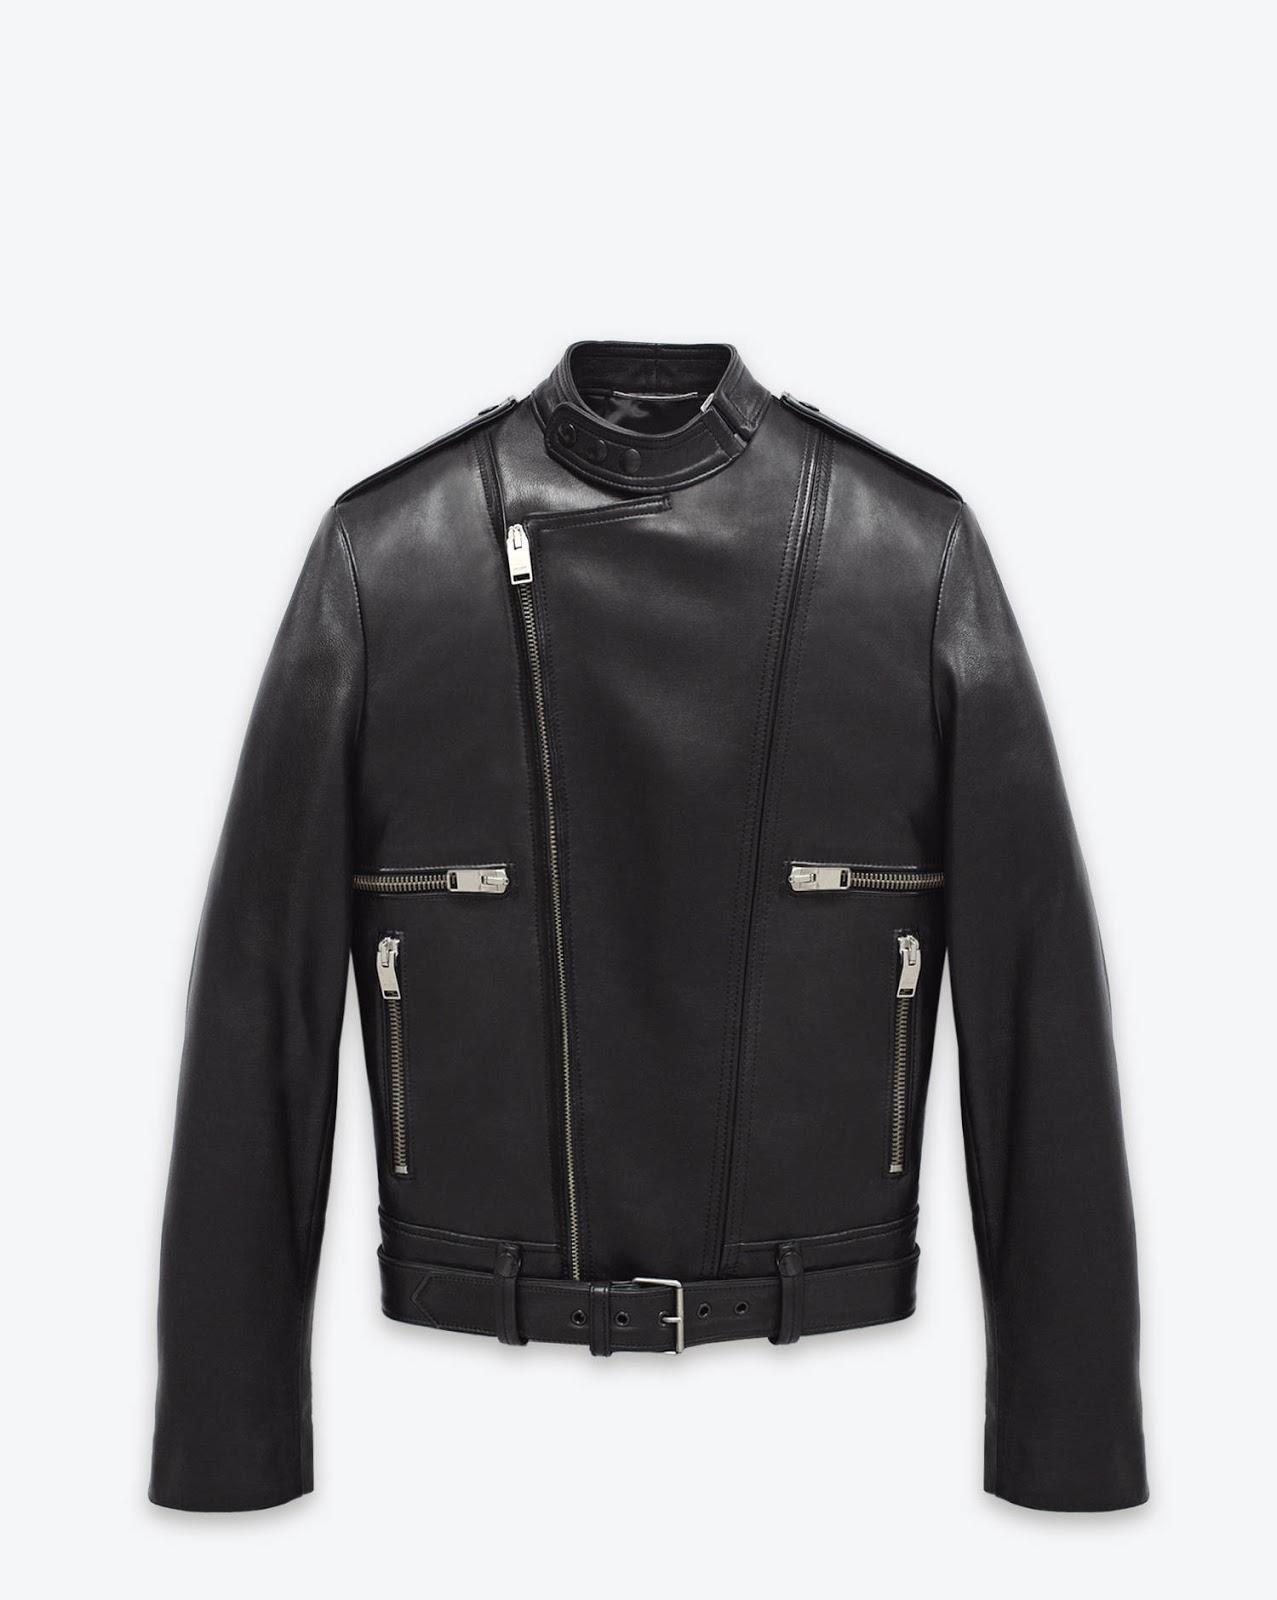 Saint laurent leather jacket men